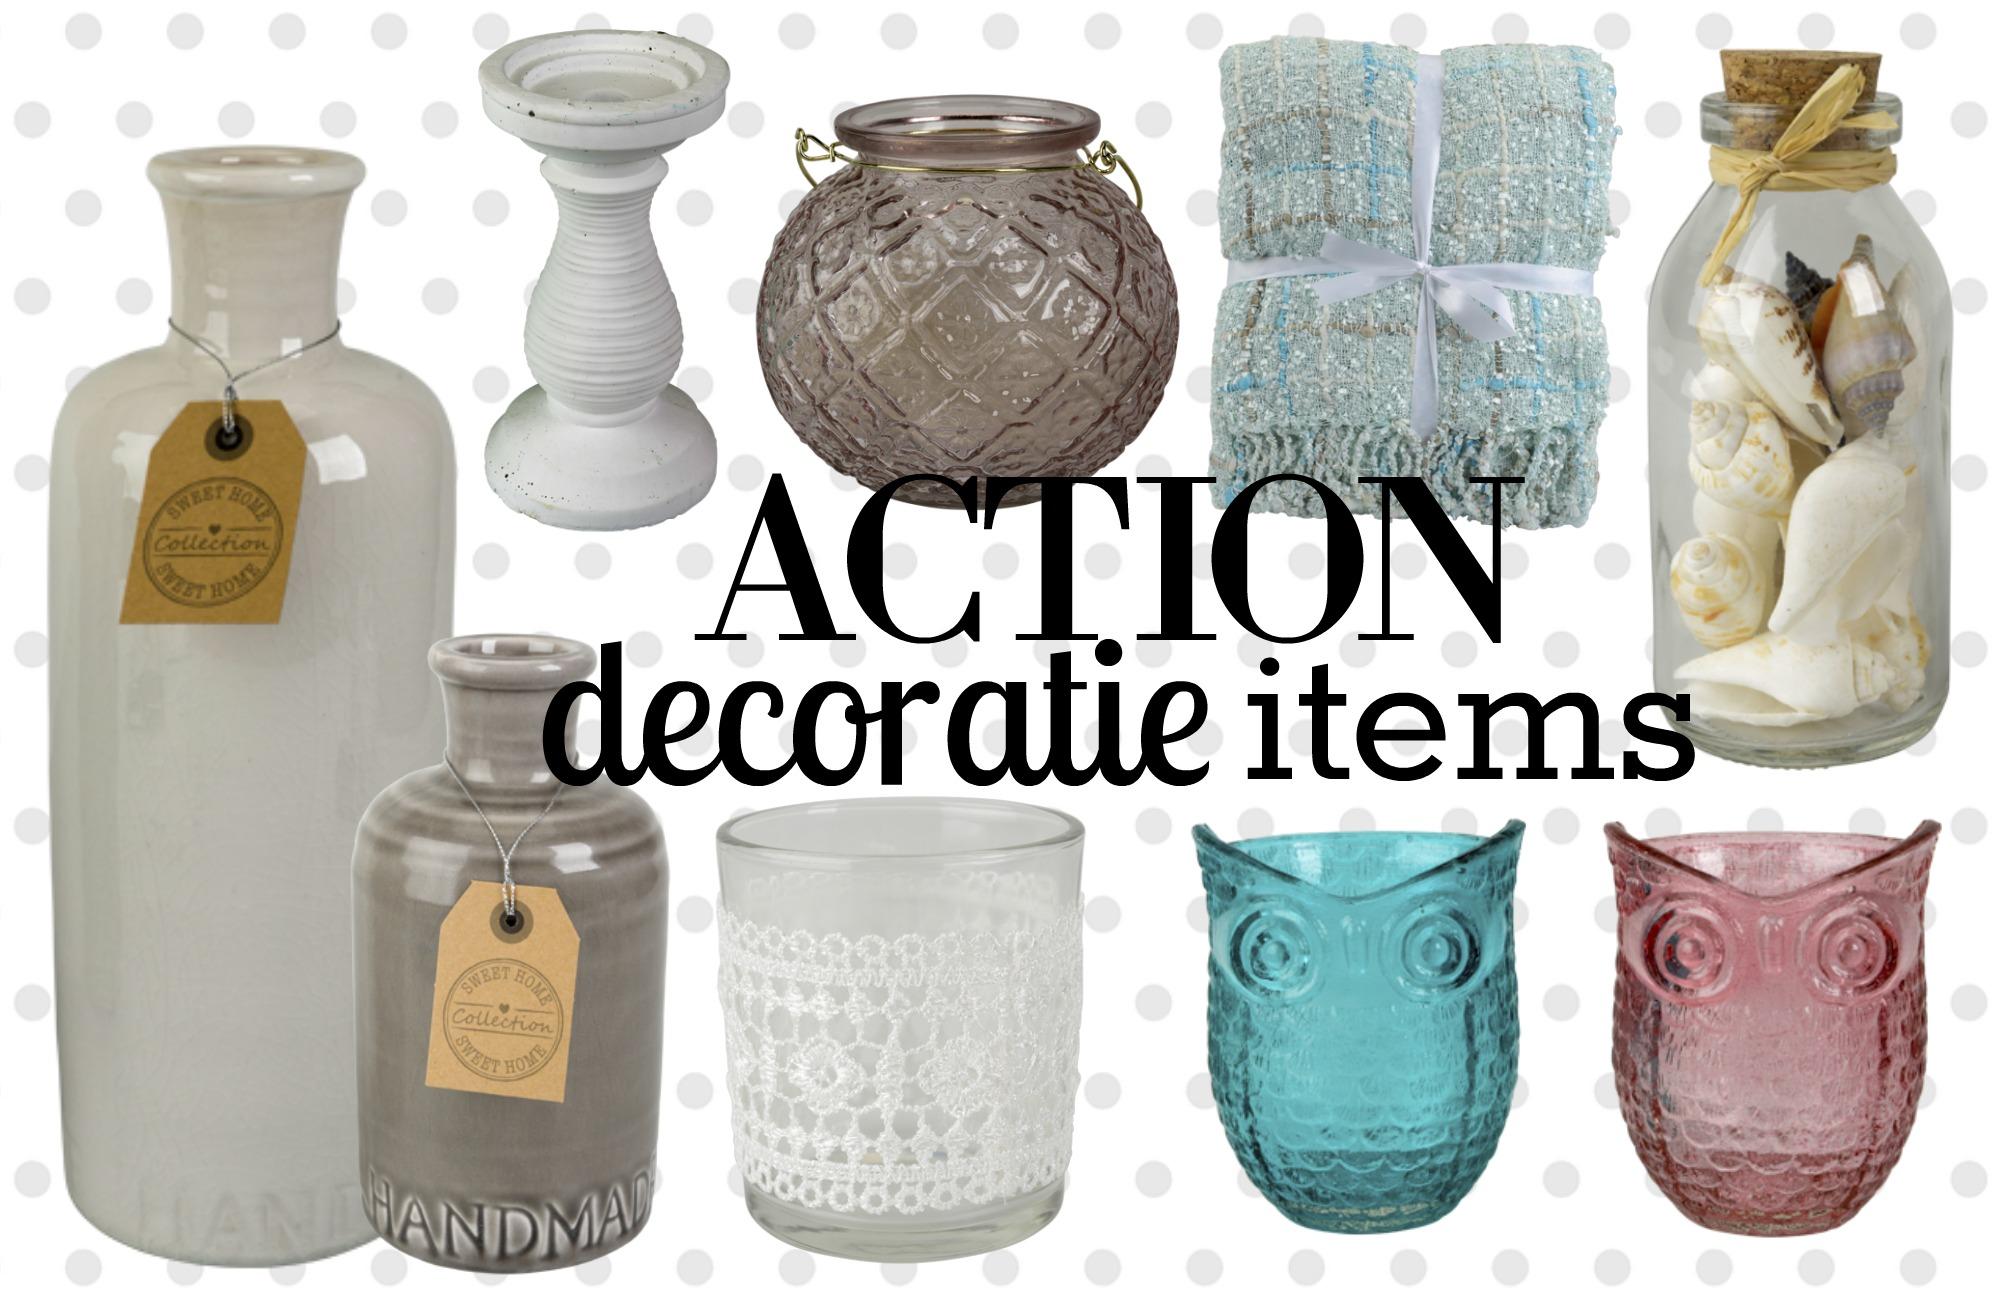 Decoratie Spullen Of Decoratie Items Van De 100 Nieuwste Van De Action